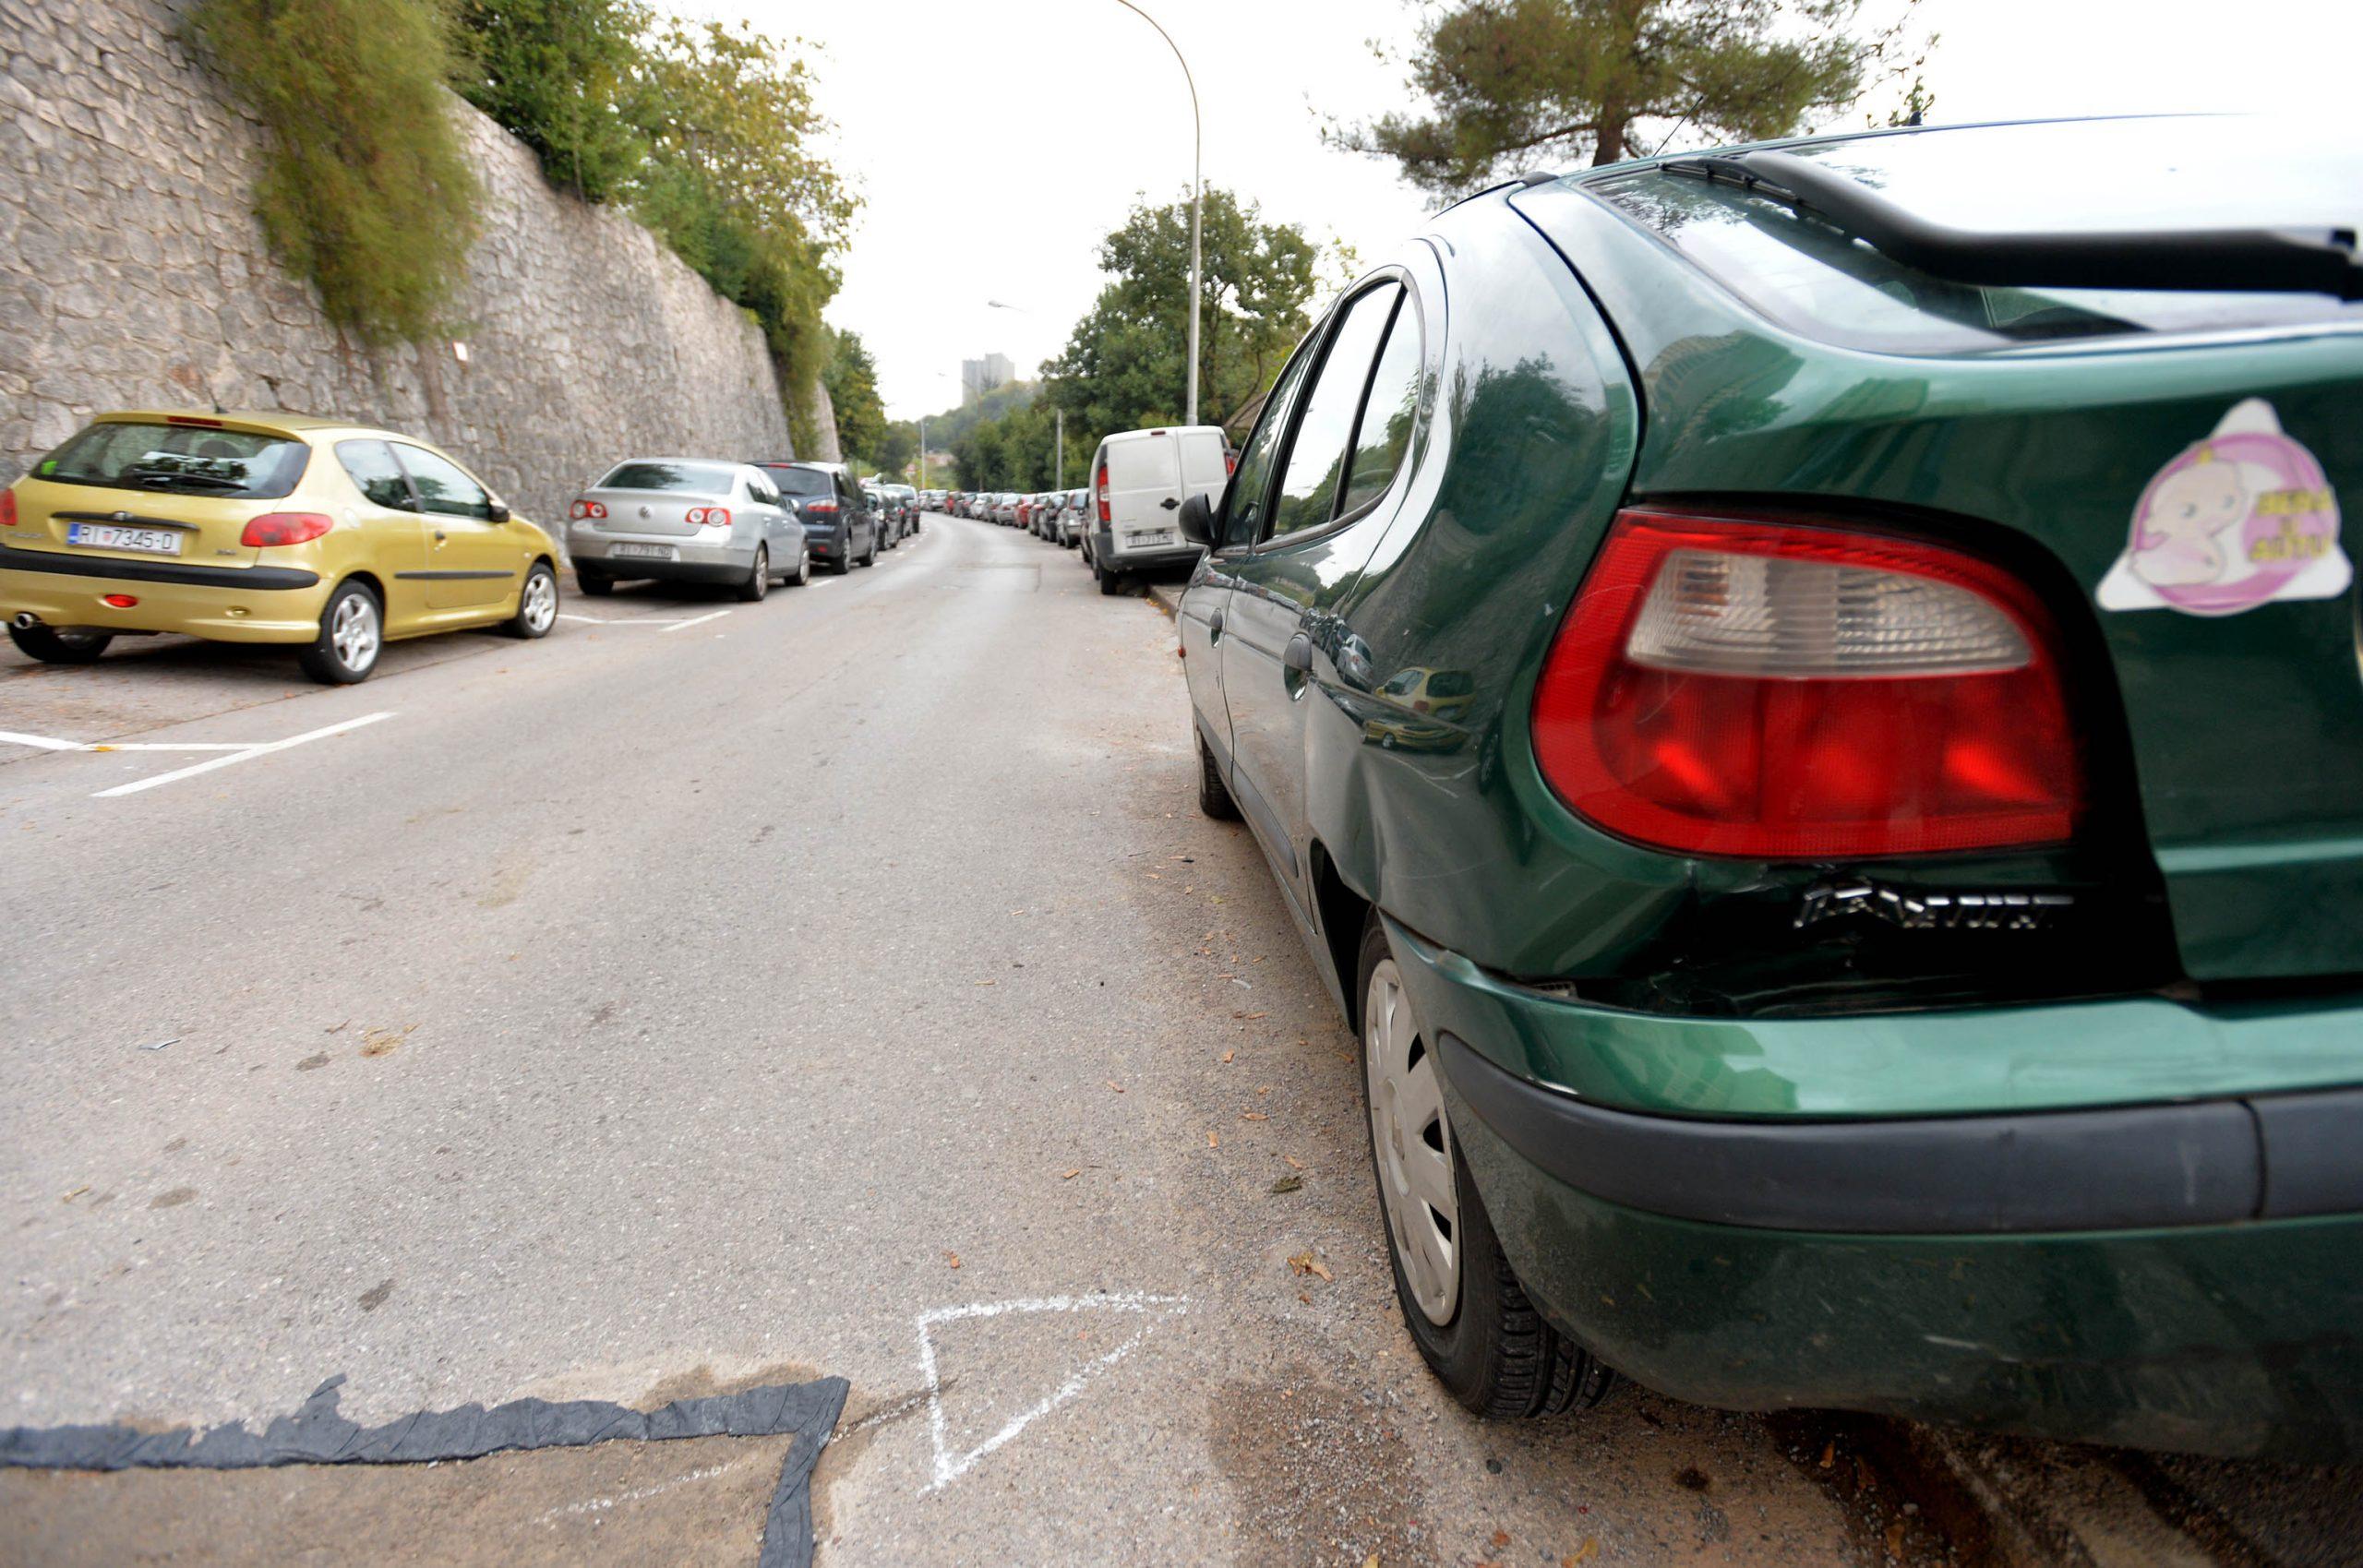 Ilustracija ulice Rastočine (ne prikazuje aute ni lokaciju iz teksta) / Foto arhiva NL